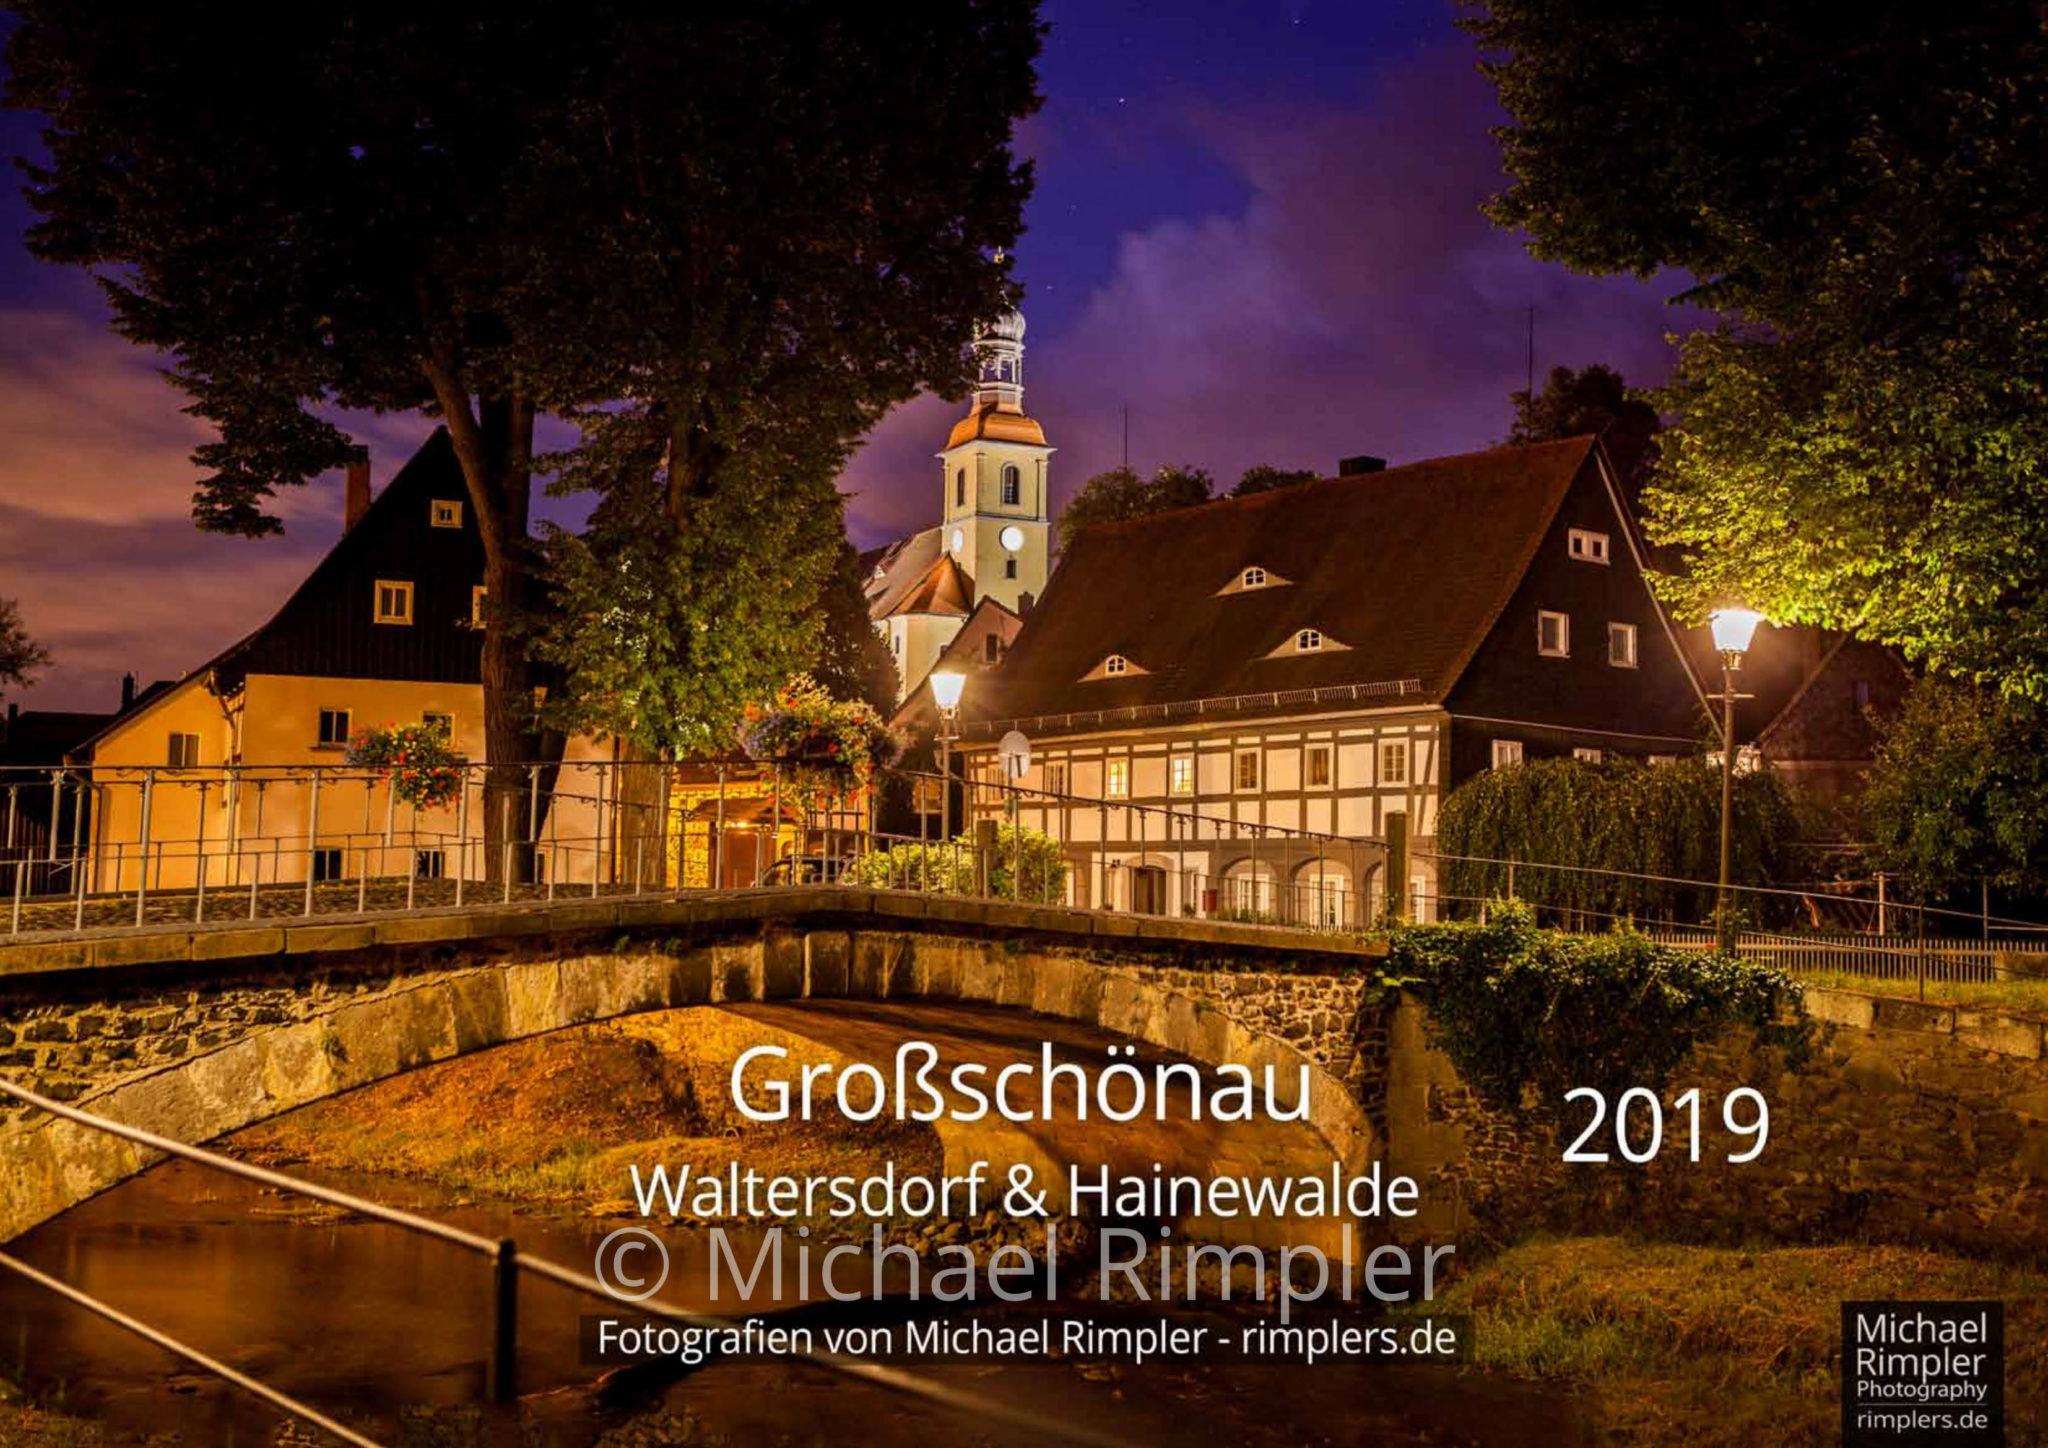 Kalender 2019 – Großschönau, Waltersdorf & Hainewalde